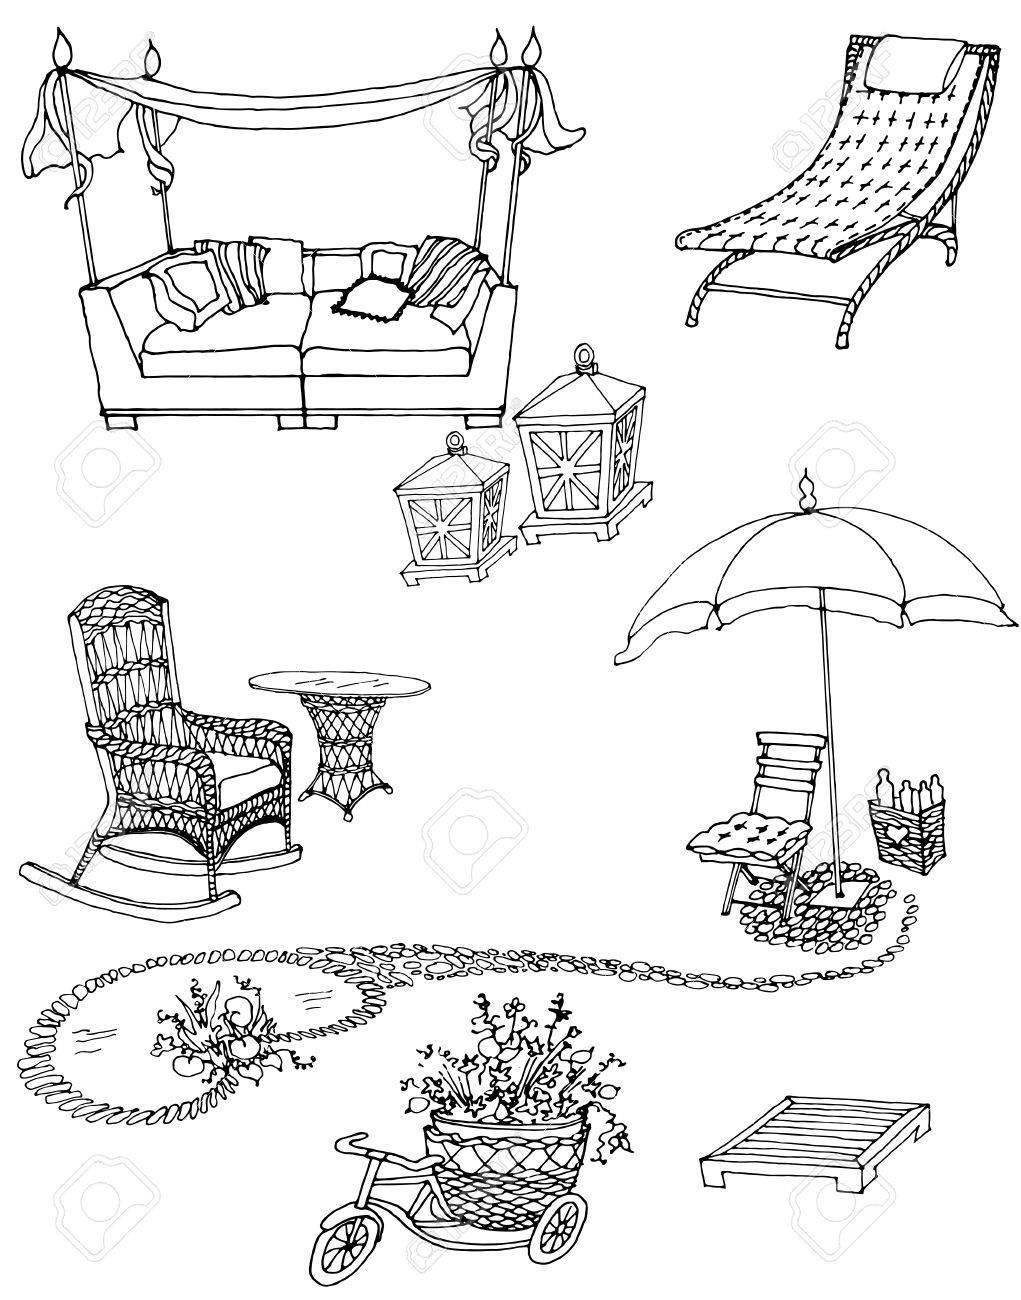 Croquis D Un Ensemble De Mobilier Et De Decoration Pour Le Jardin Noir Et Blanc